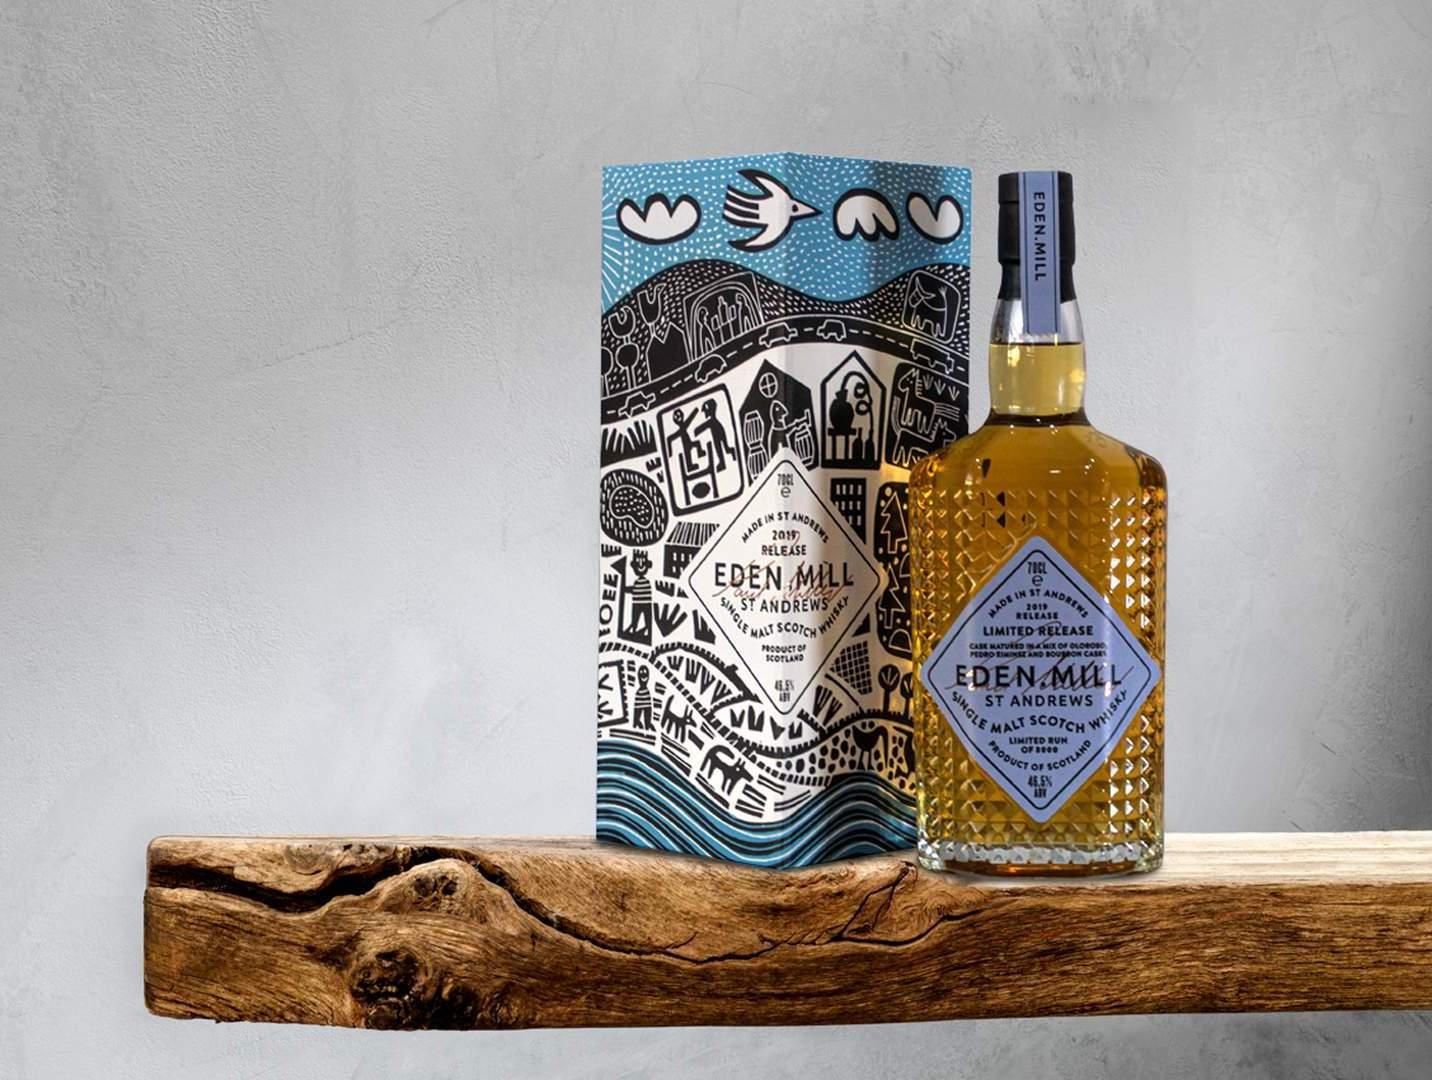 Eden Mill St Andrews 2019 whisky